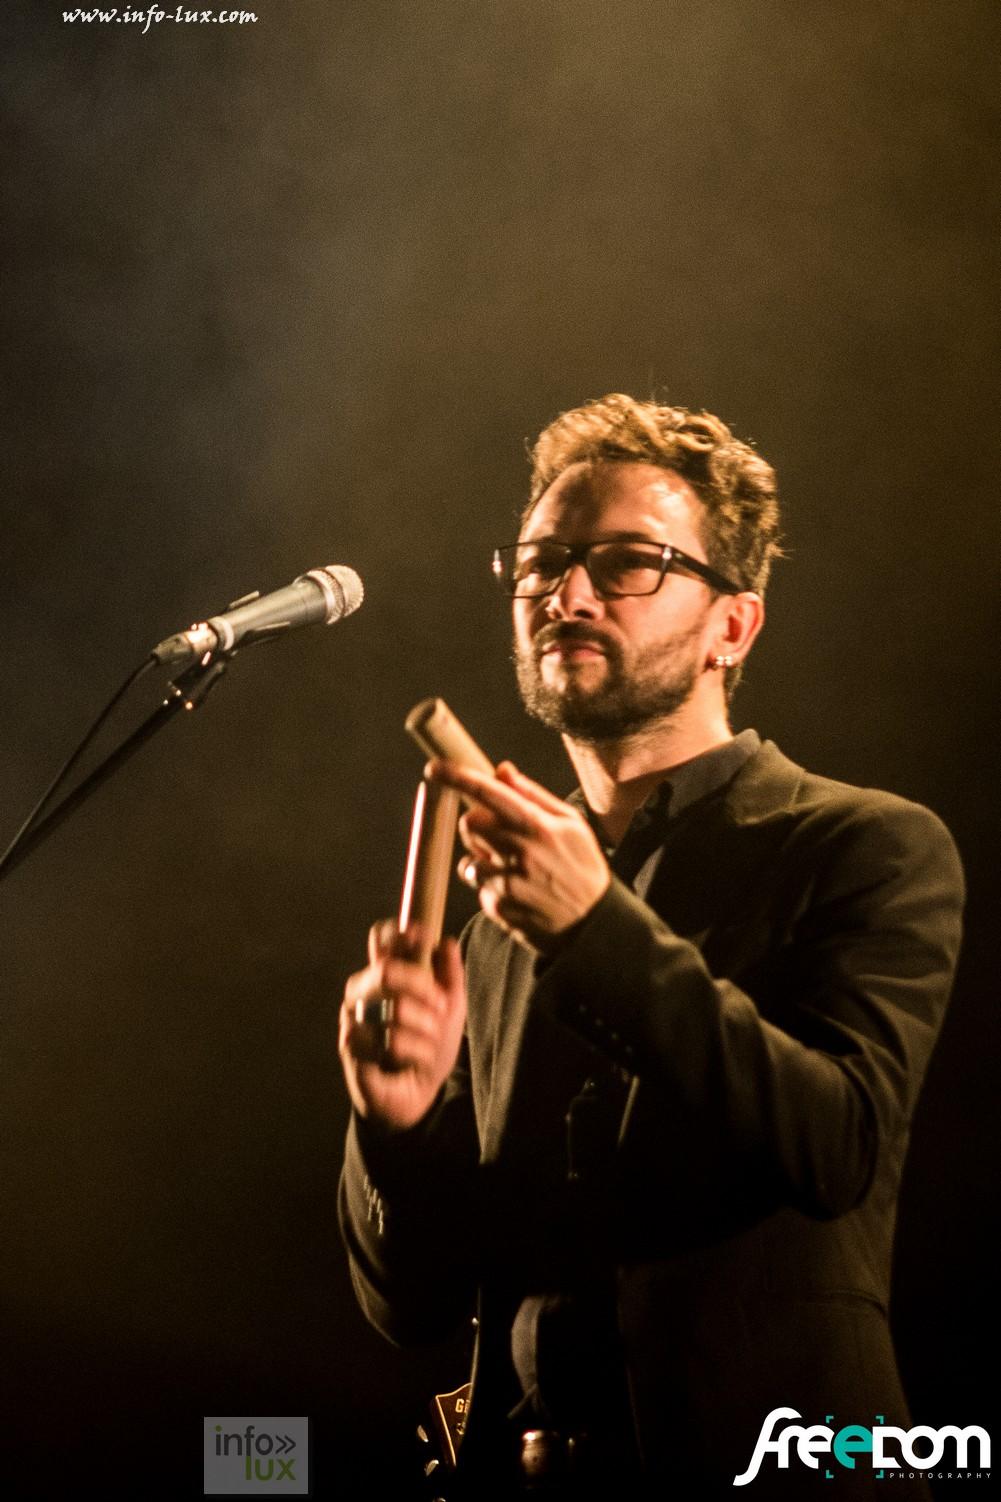 images/stories/PHOTOSREP/Bastogne/concert-moissec/2014-_miossec_bastogne-0751_LR_fp